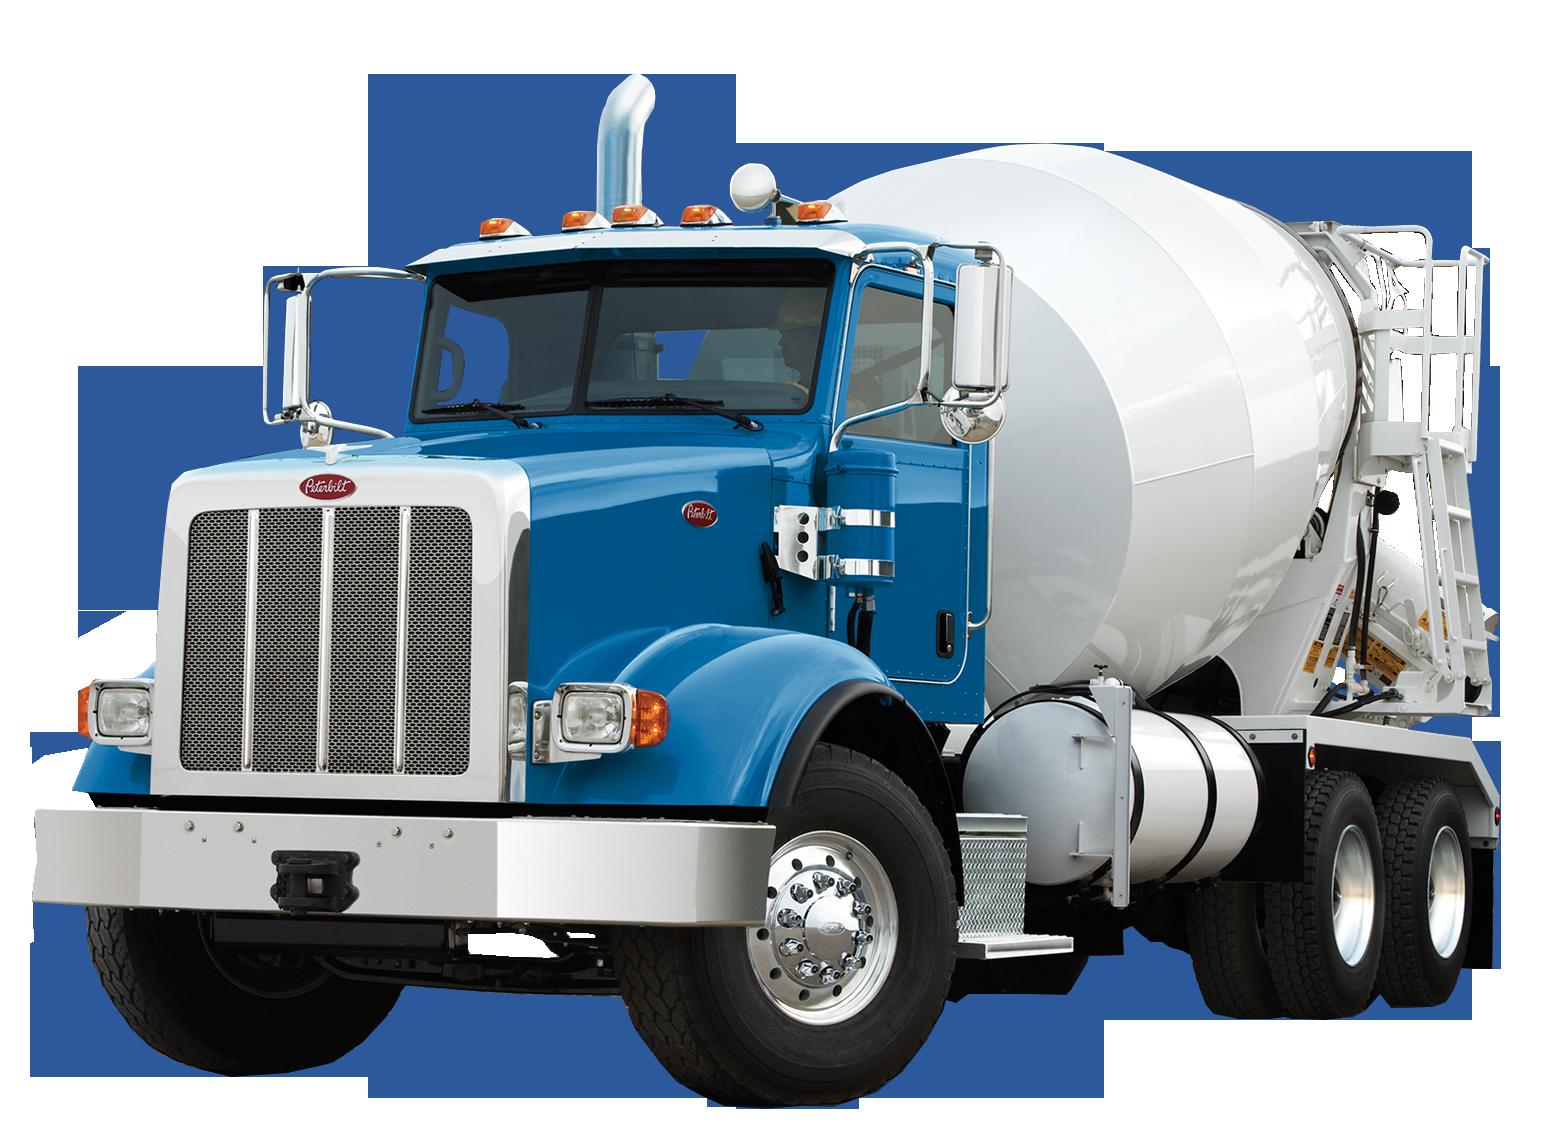 Peterbilt Oshkosh Corporation Mack Trucks Heavy Machinery.